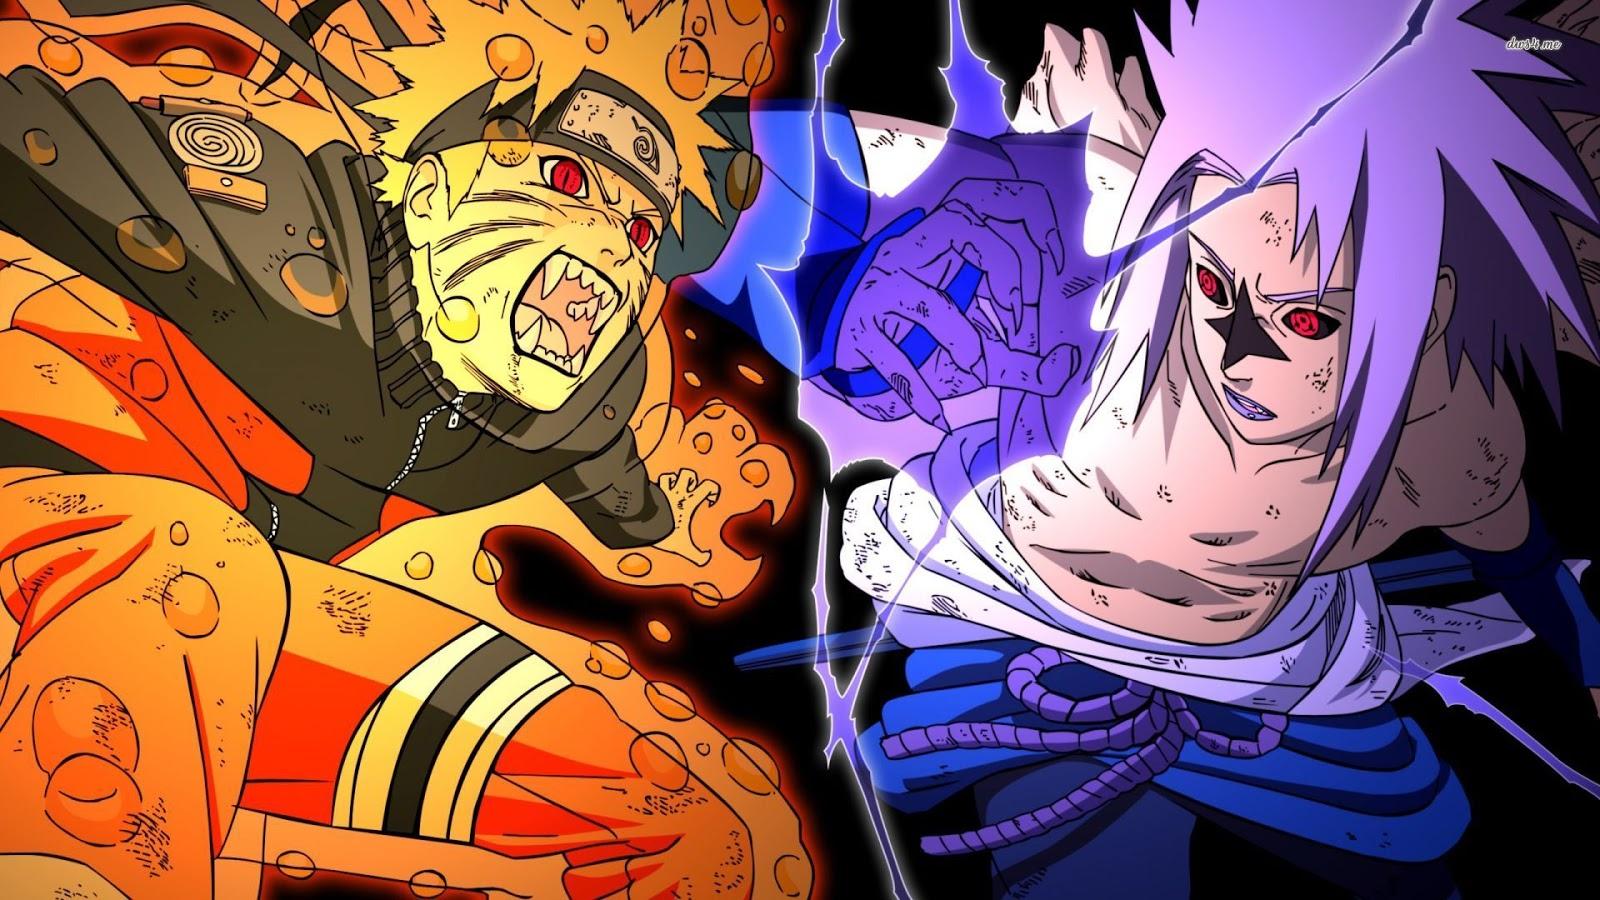 naruto shippuden wallpaper ~ Naruto Shippuden